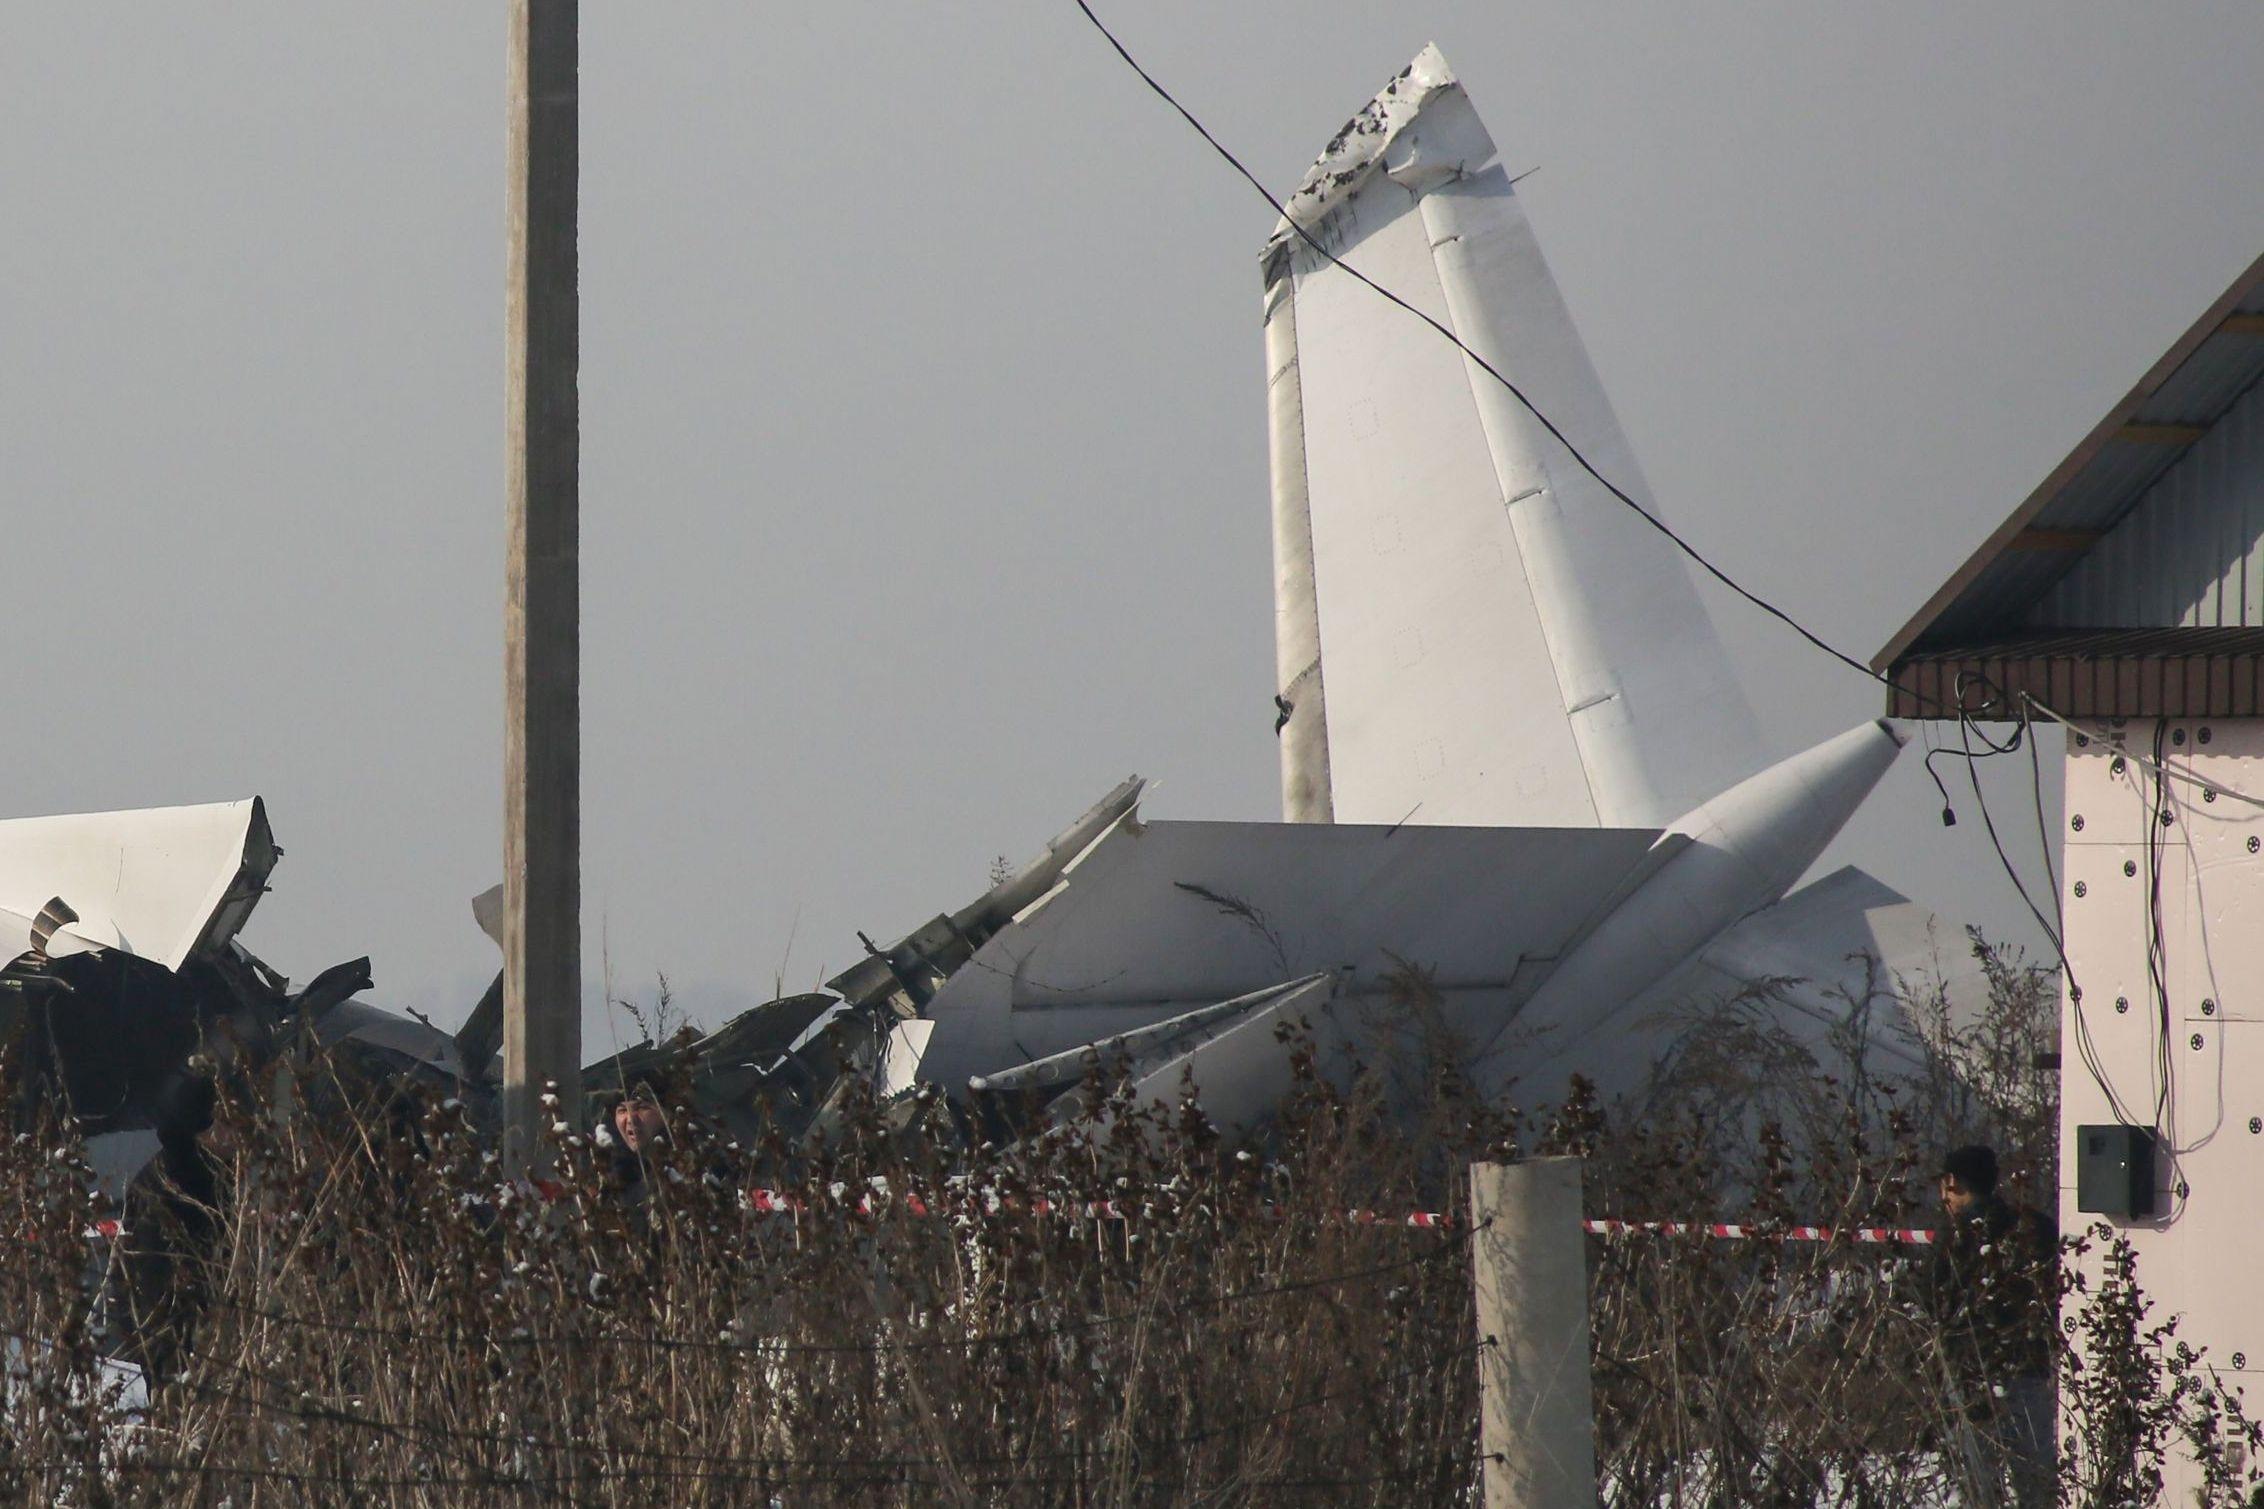 初步结果:机身结冰或为阿拉木图坠机主要原因